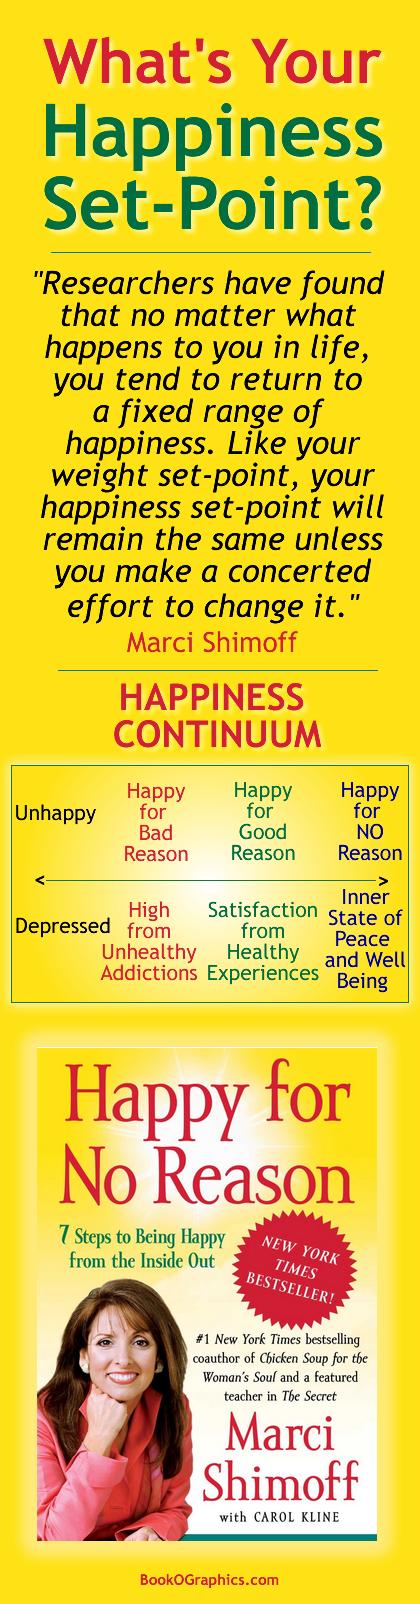 Happy For No Reason BookOGraphic